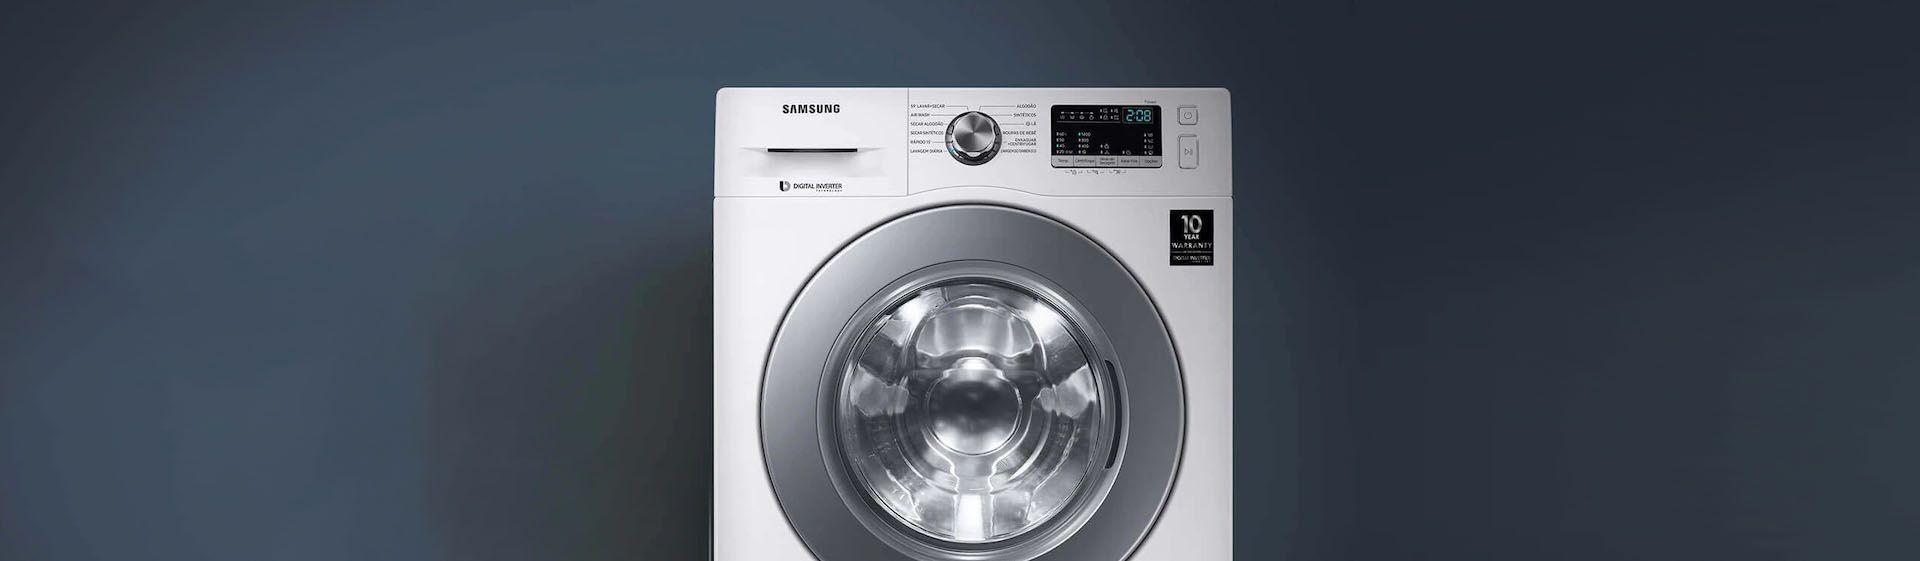 As 5 melhores Lava e Seca da Samsung em 2021